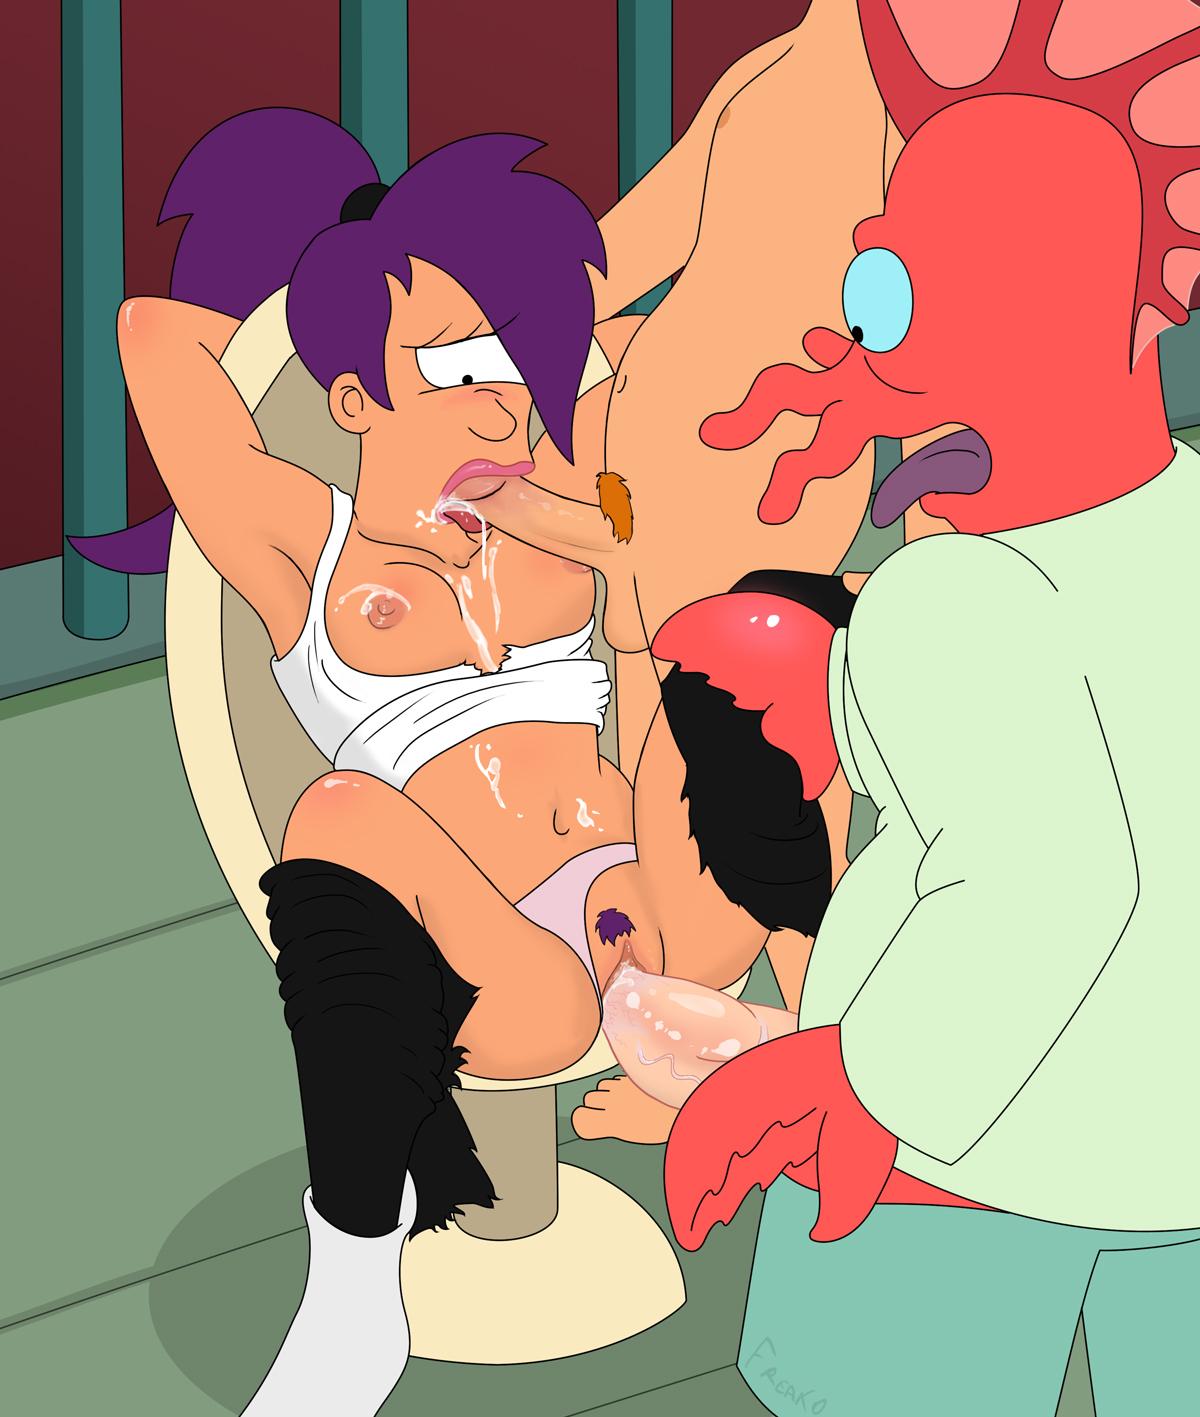 Zoidberg hentai porn